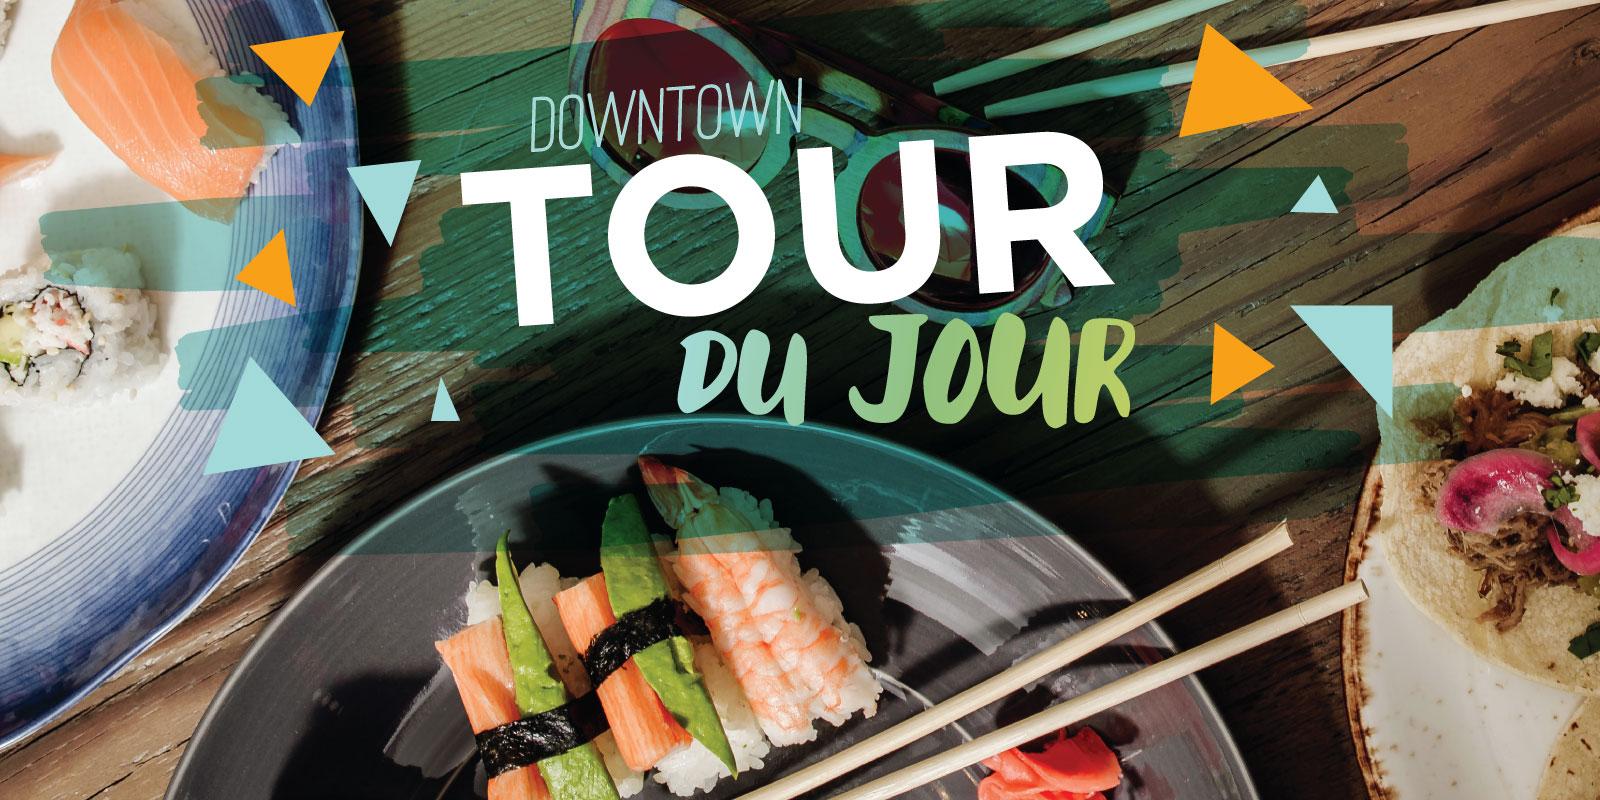 On Websites: Downtown Winnipeg Biz + Downtown Winnipeg Tours